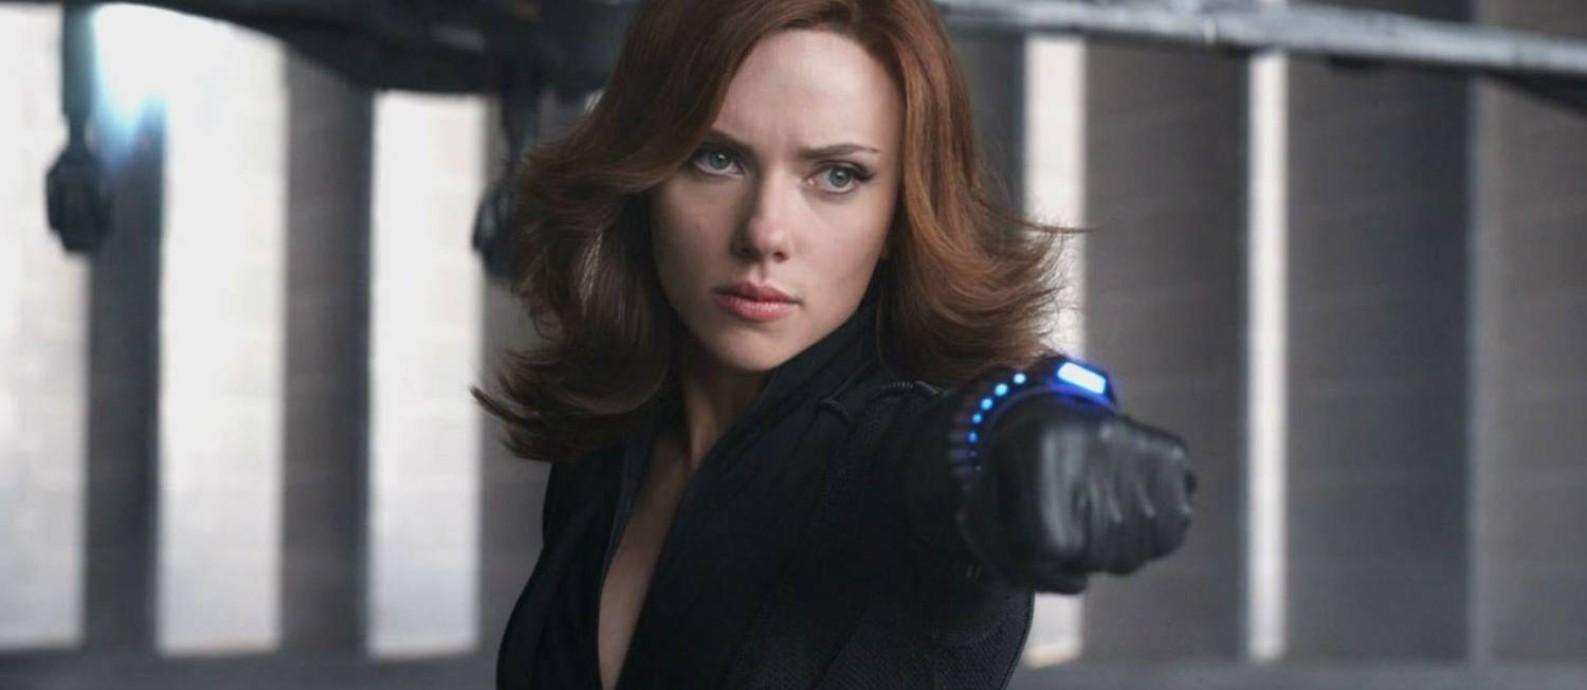 Scarlett Johansson como a 'Viúva negra', que terá novo filme ainda em 2020 Foto: Divulgação